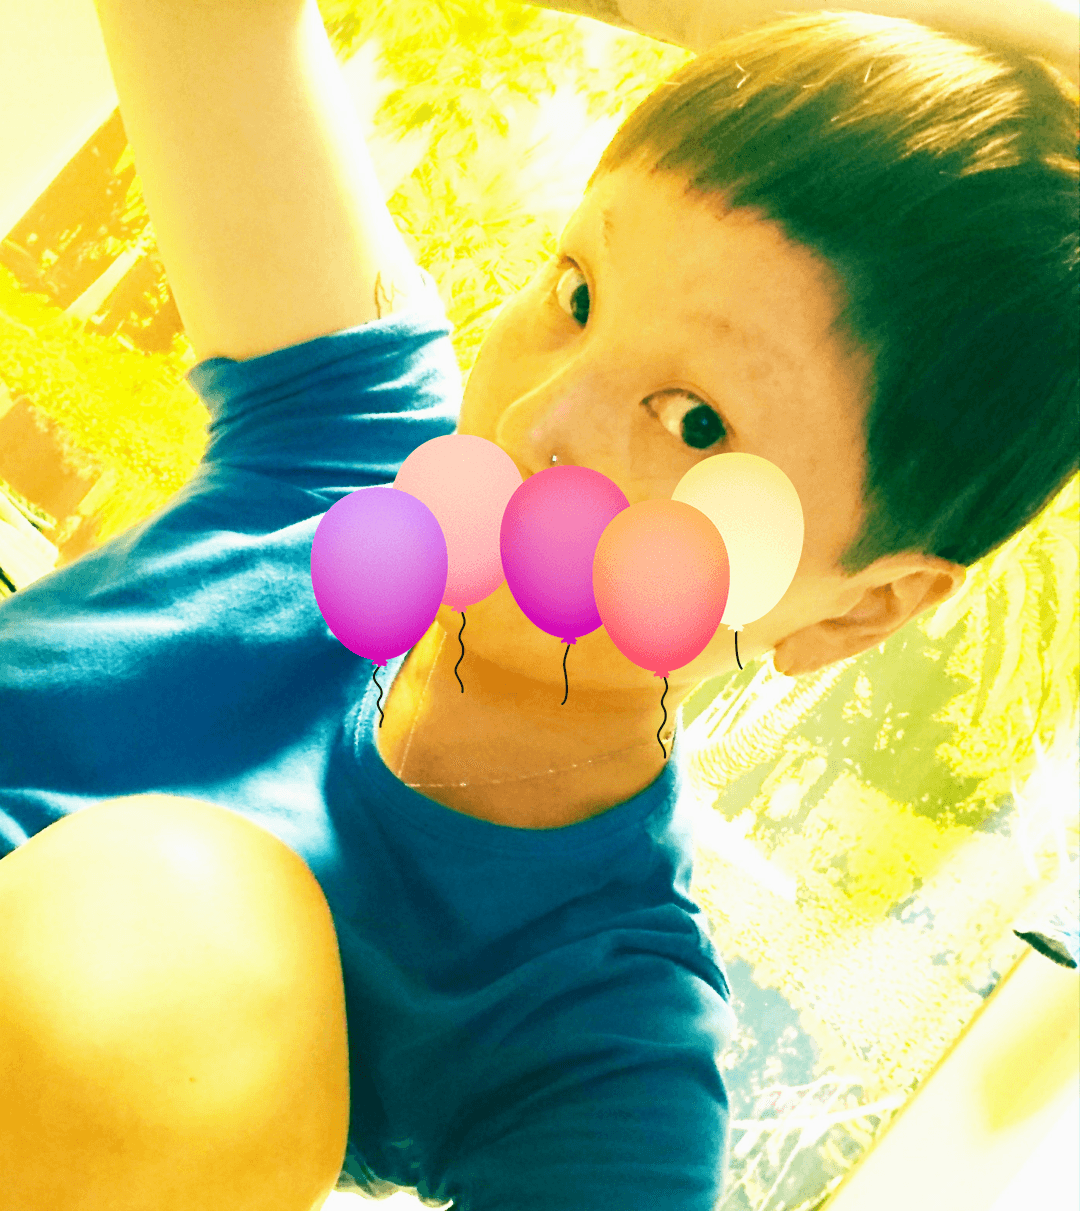 りく「感謝感激です」09/26(水) 04:22   りくの写メ・風俗動画